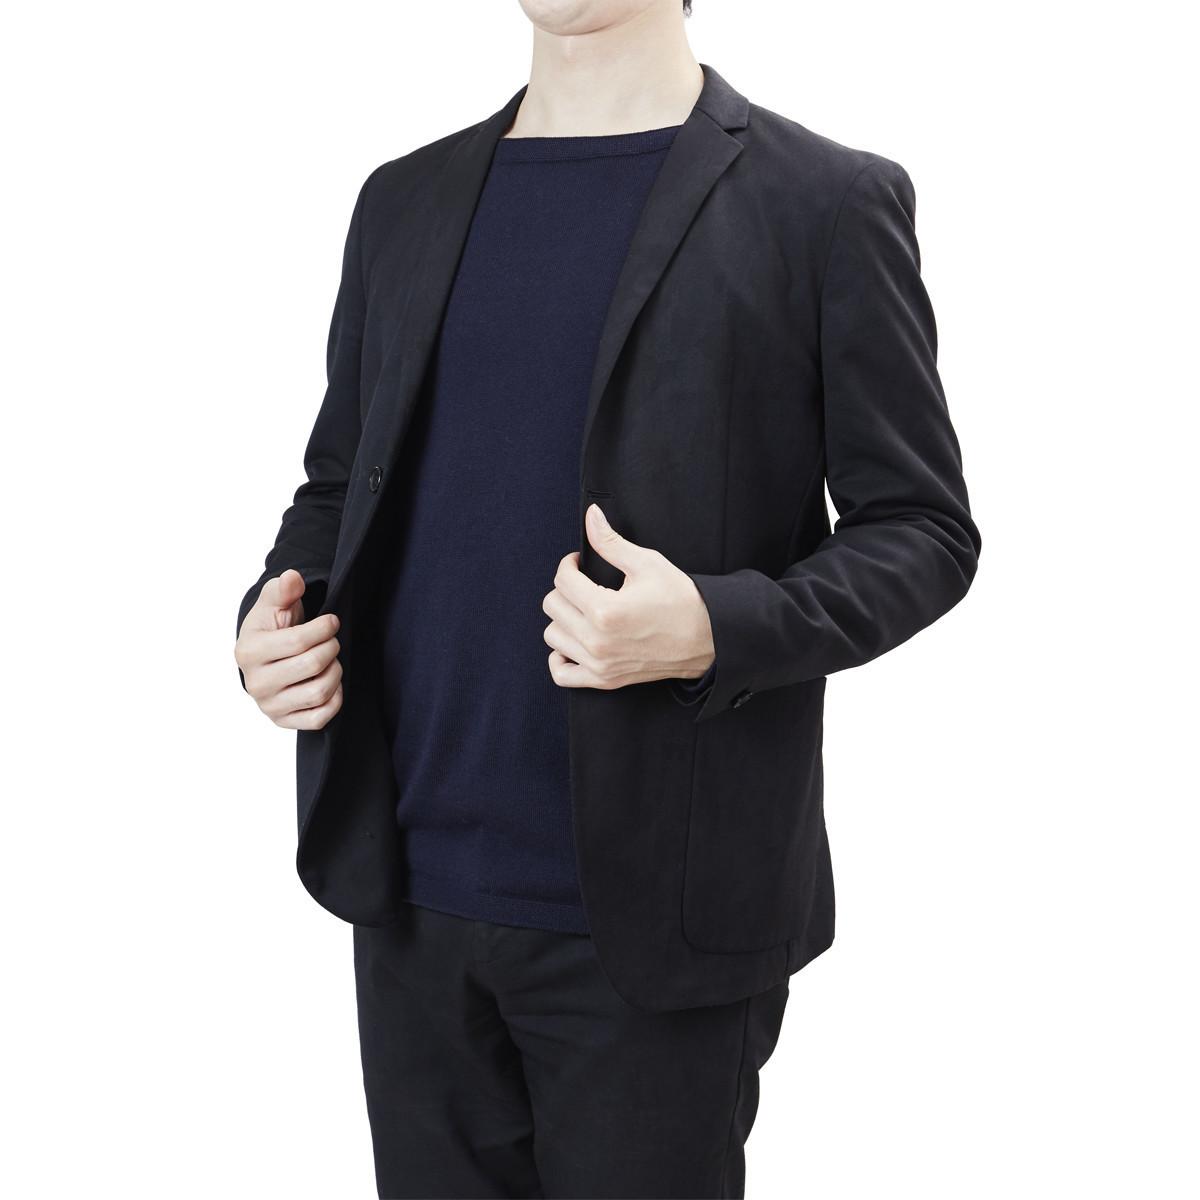 """縫い目がない「カシミア混ニット」 Lサイズ   ジャケットに合わせるだけで""""着こなし""""に磨きがかかる。縫い目がなく、着心地抜群。自宅で洗濯しても伸びにくいホールガーメント・ロングスリーブニット(MONOCO 限定)"""